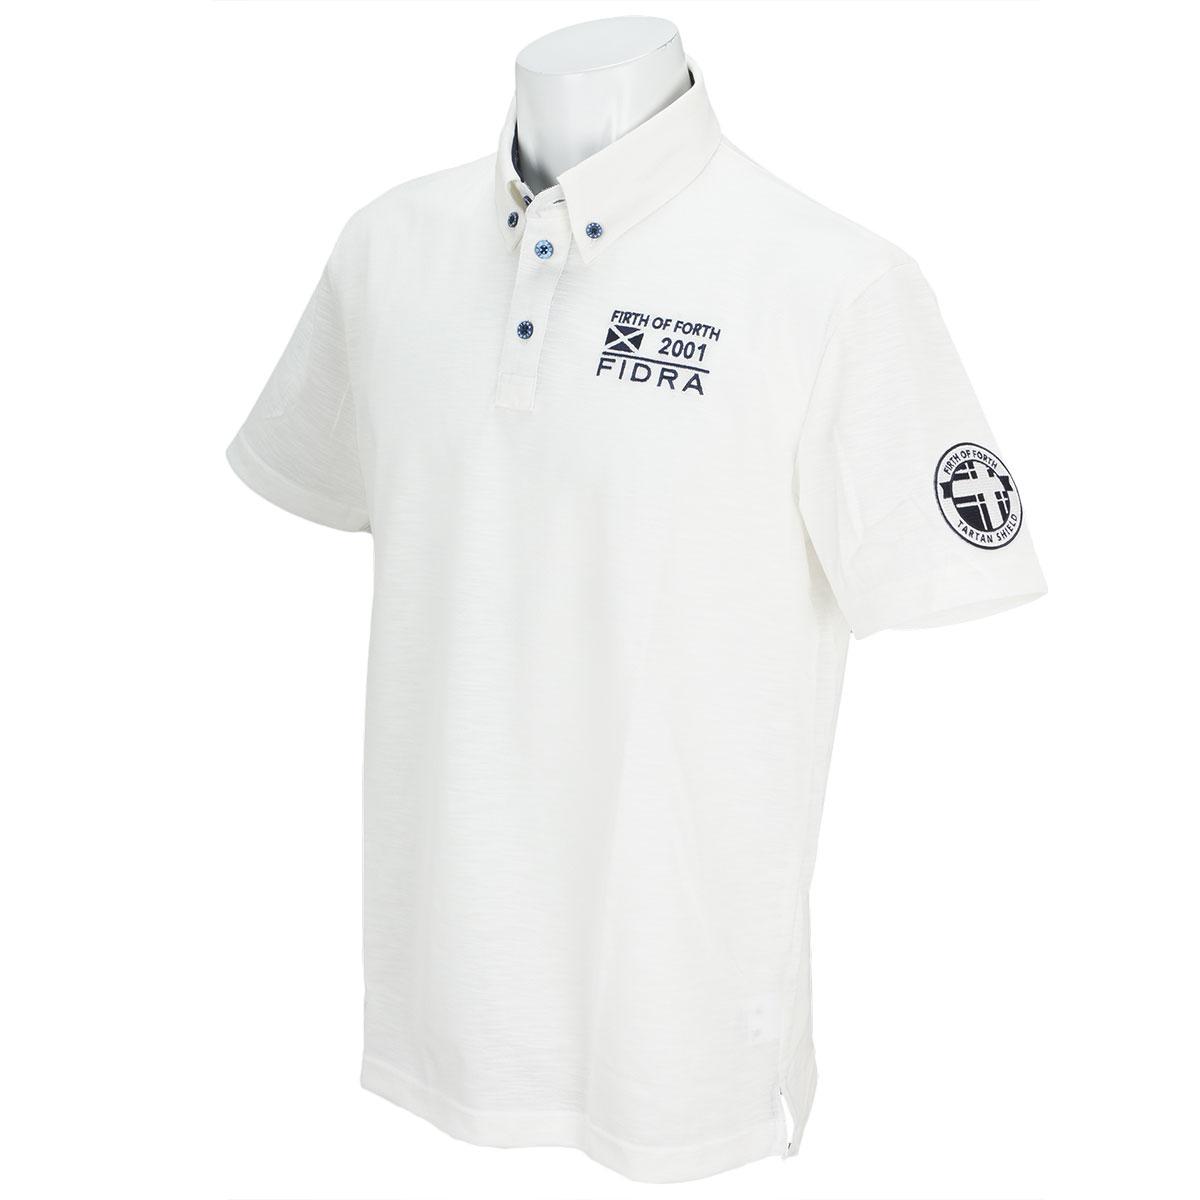 ストレッチ半袖ボタンダウンポロシャツ